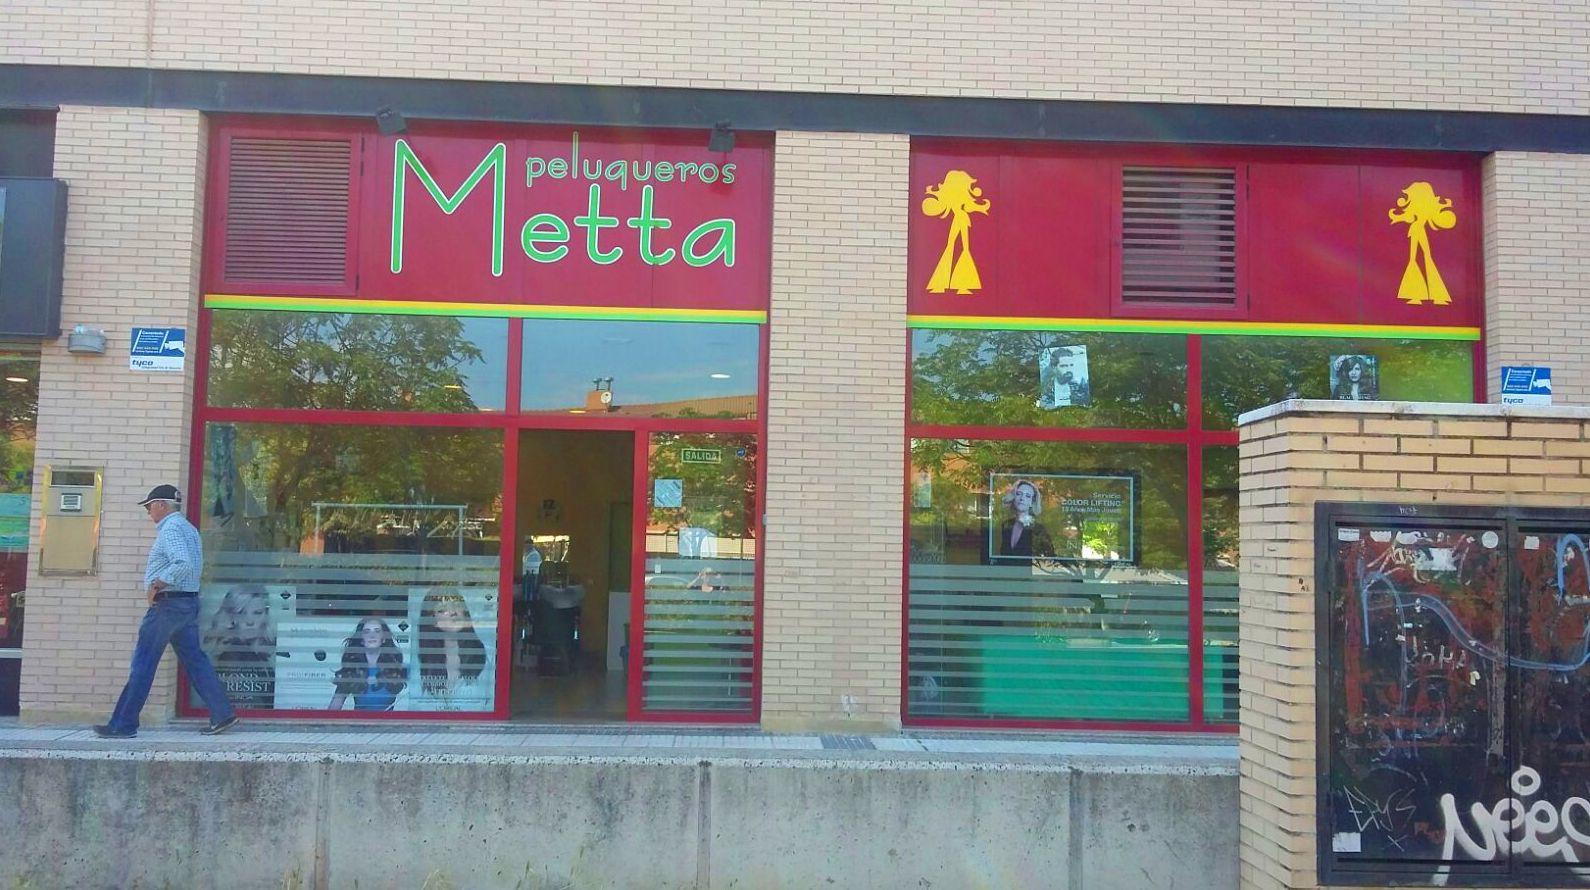 Foto 4 de Peluquerías de hombre y mujer en Alcalá de Henares | Metta Peluqueros